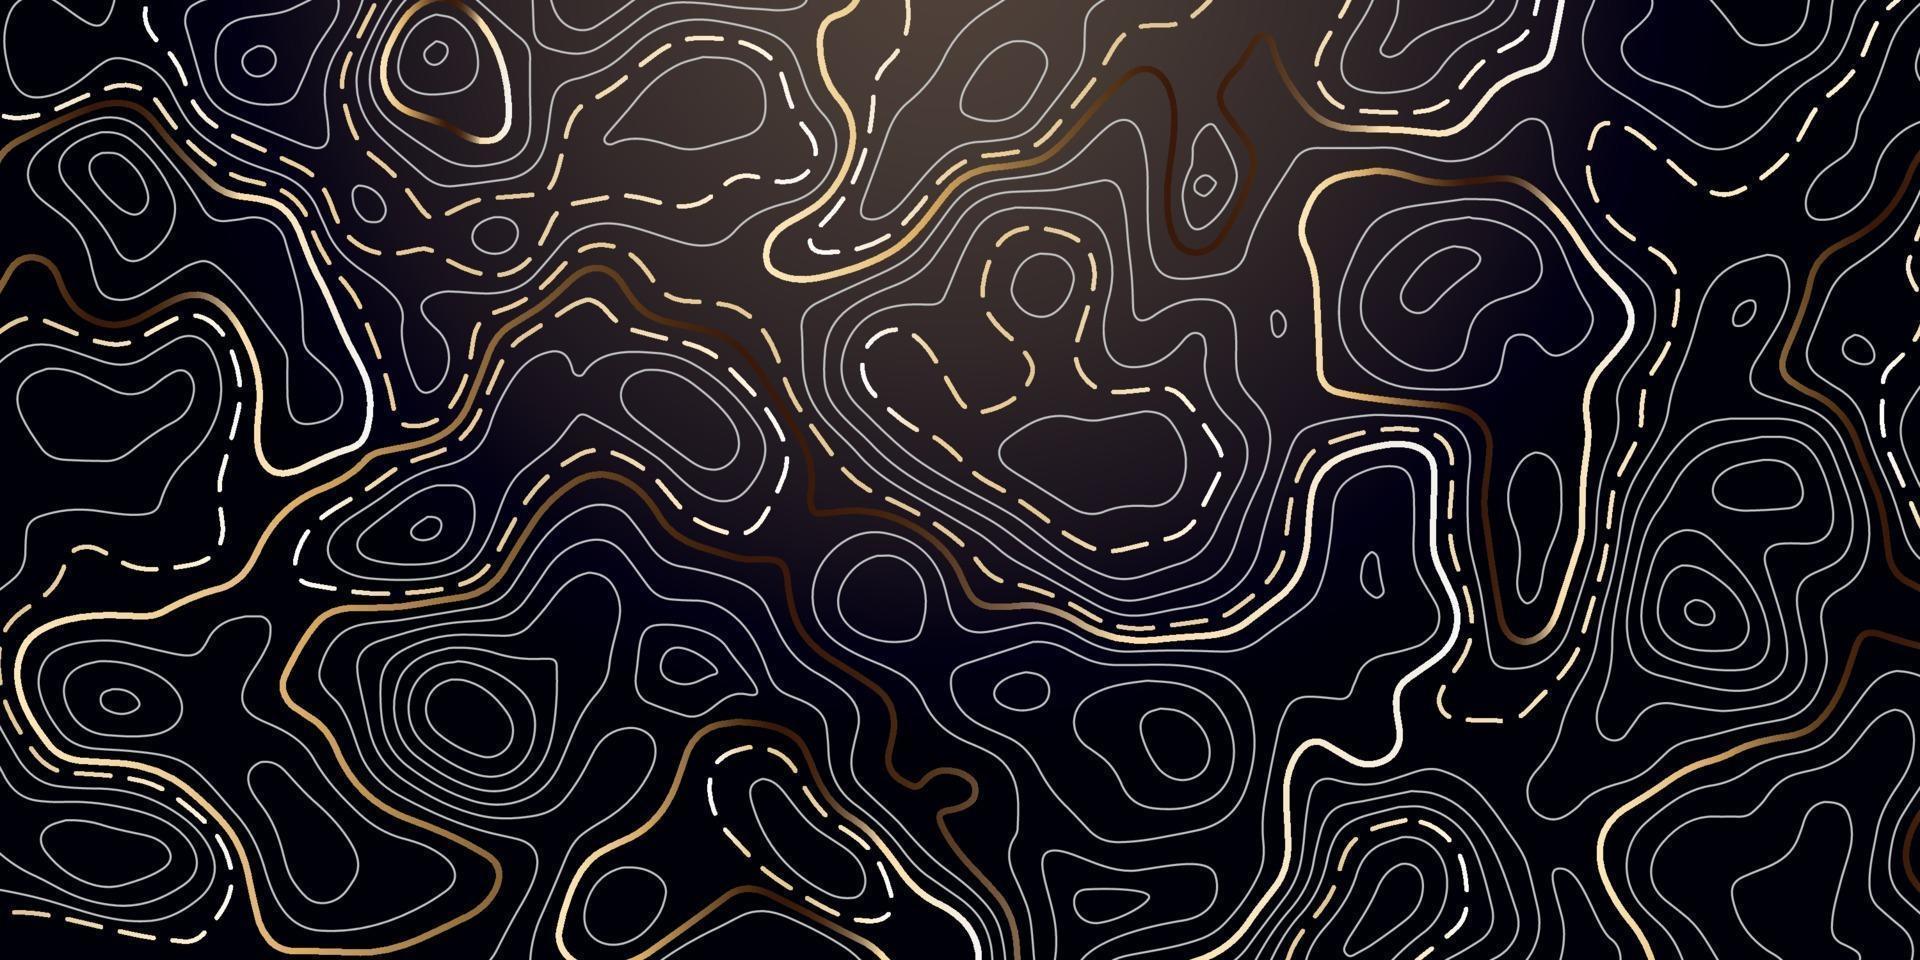 abstracte achtergrond met gouden topografische contour. vector